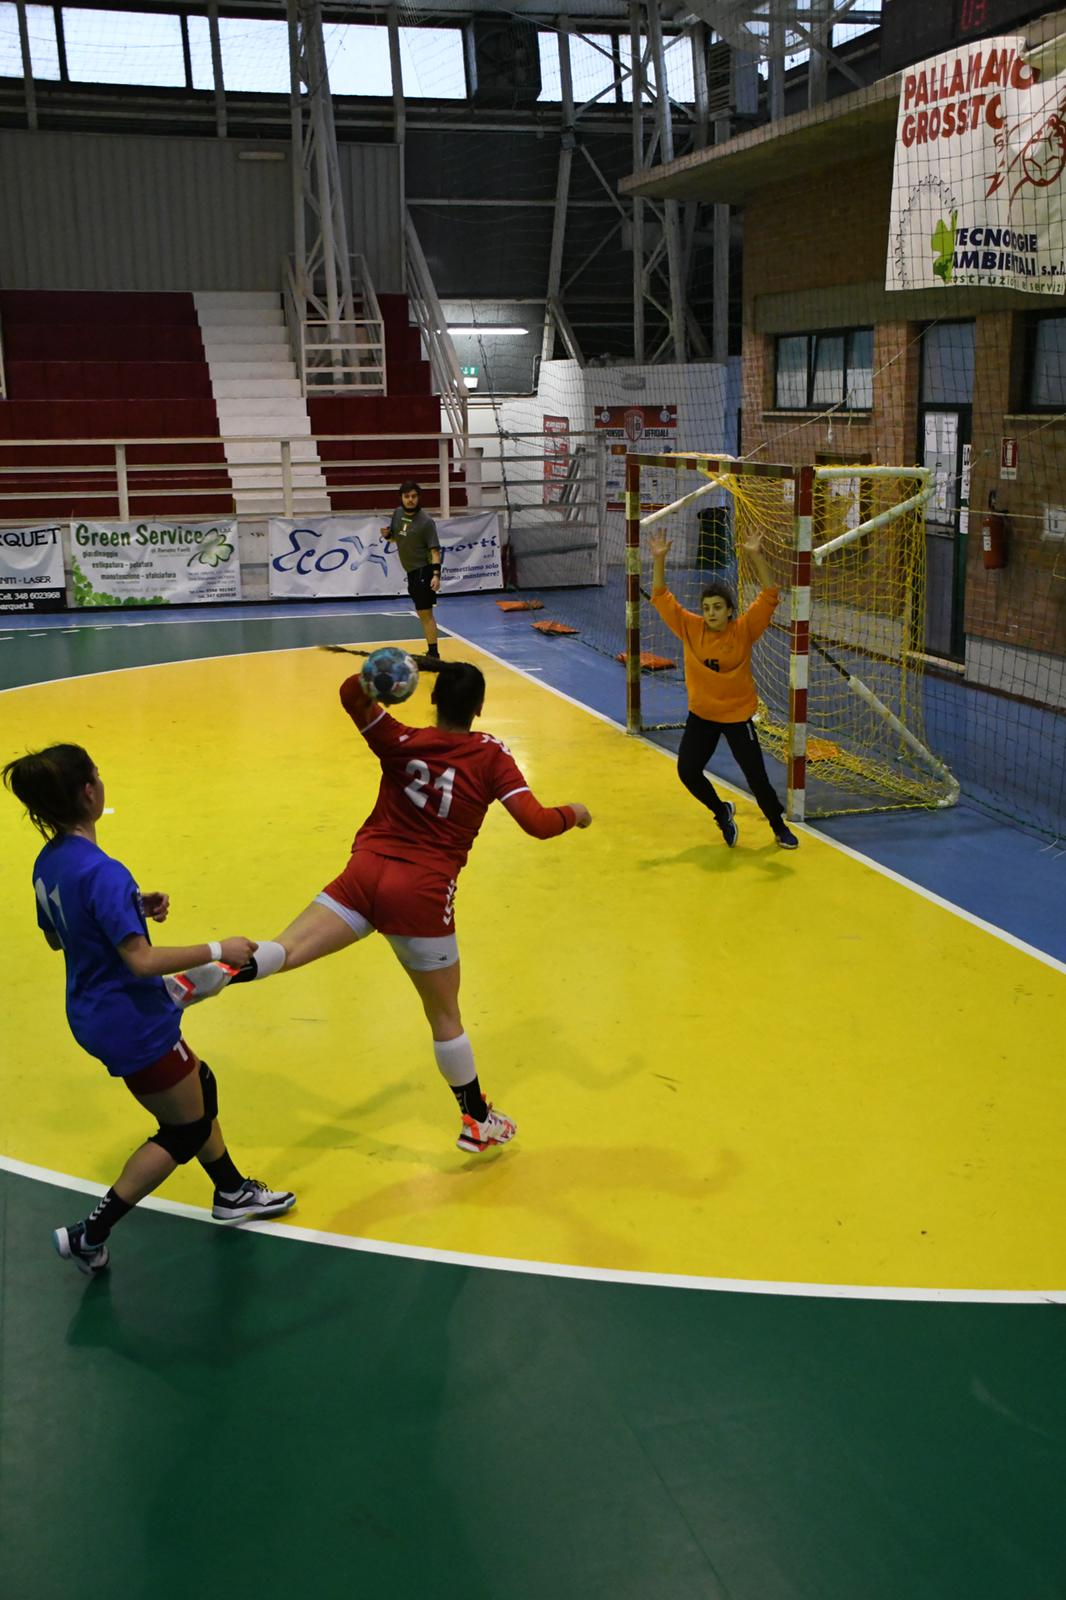 pallamano-solari-grosseto-handball-serie-A2-femminile3.